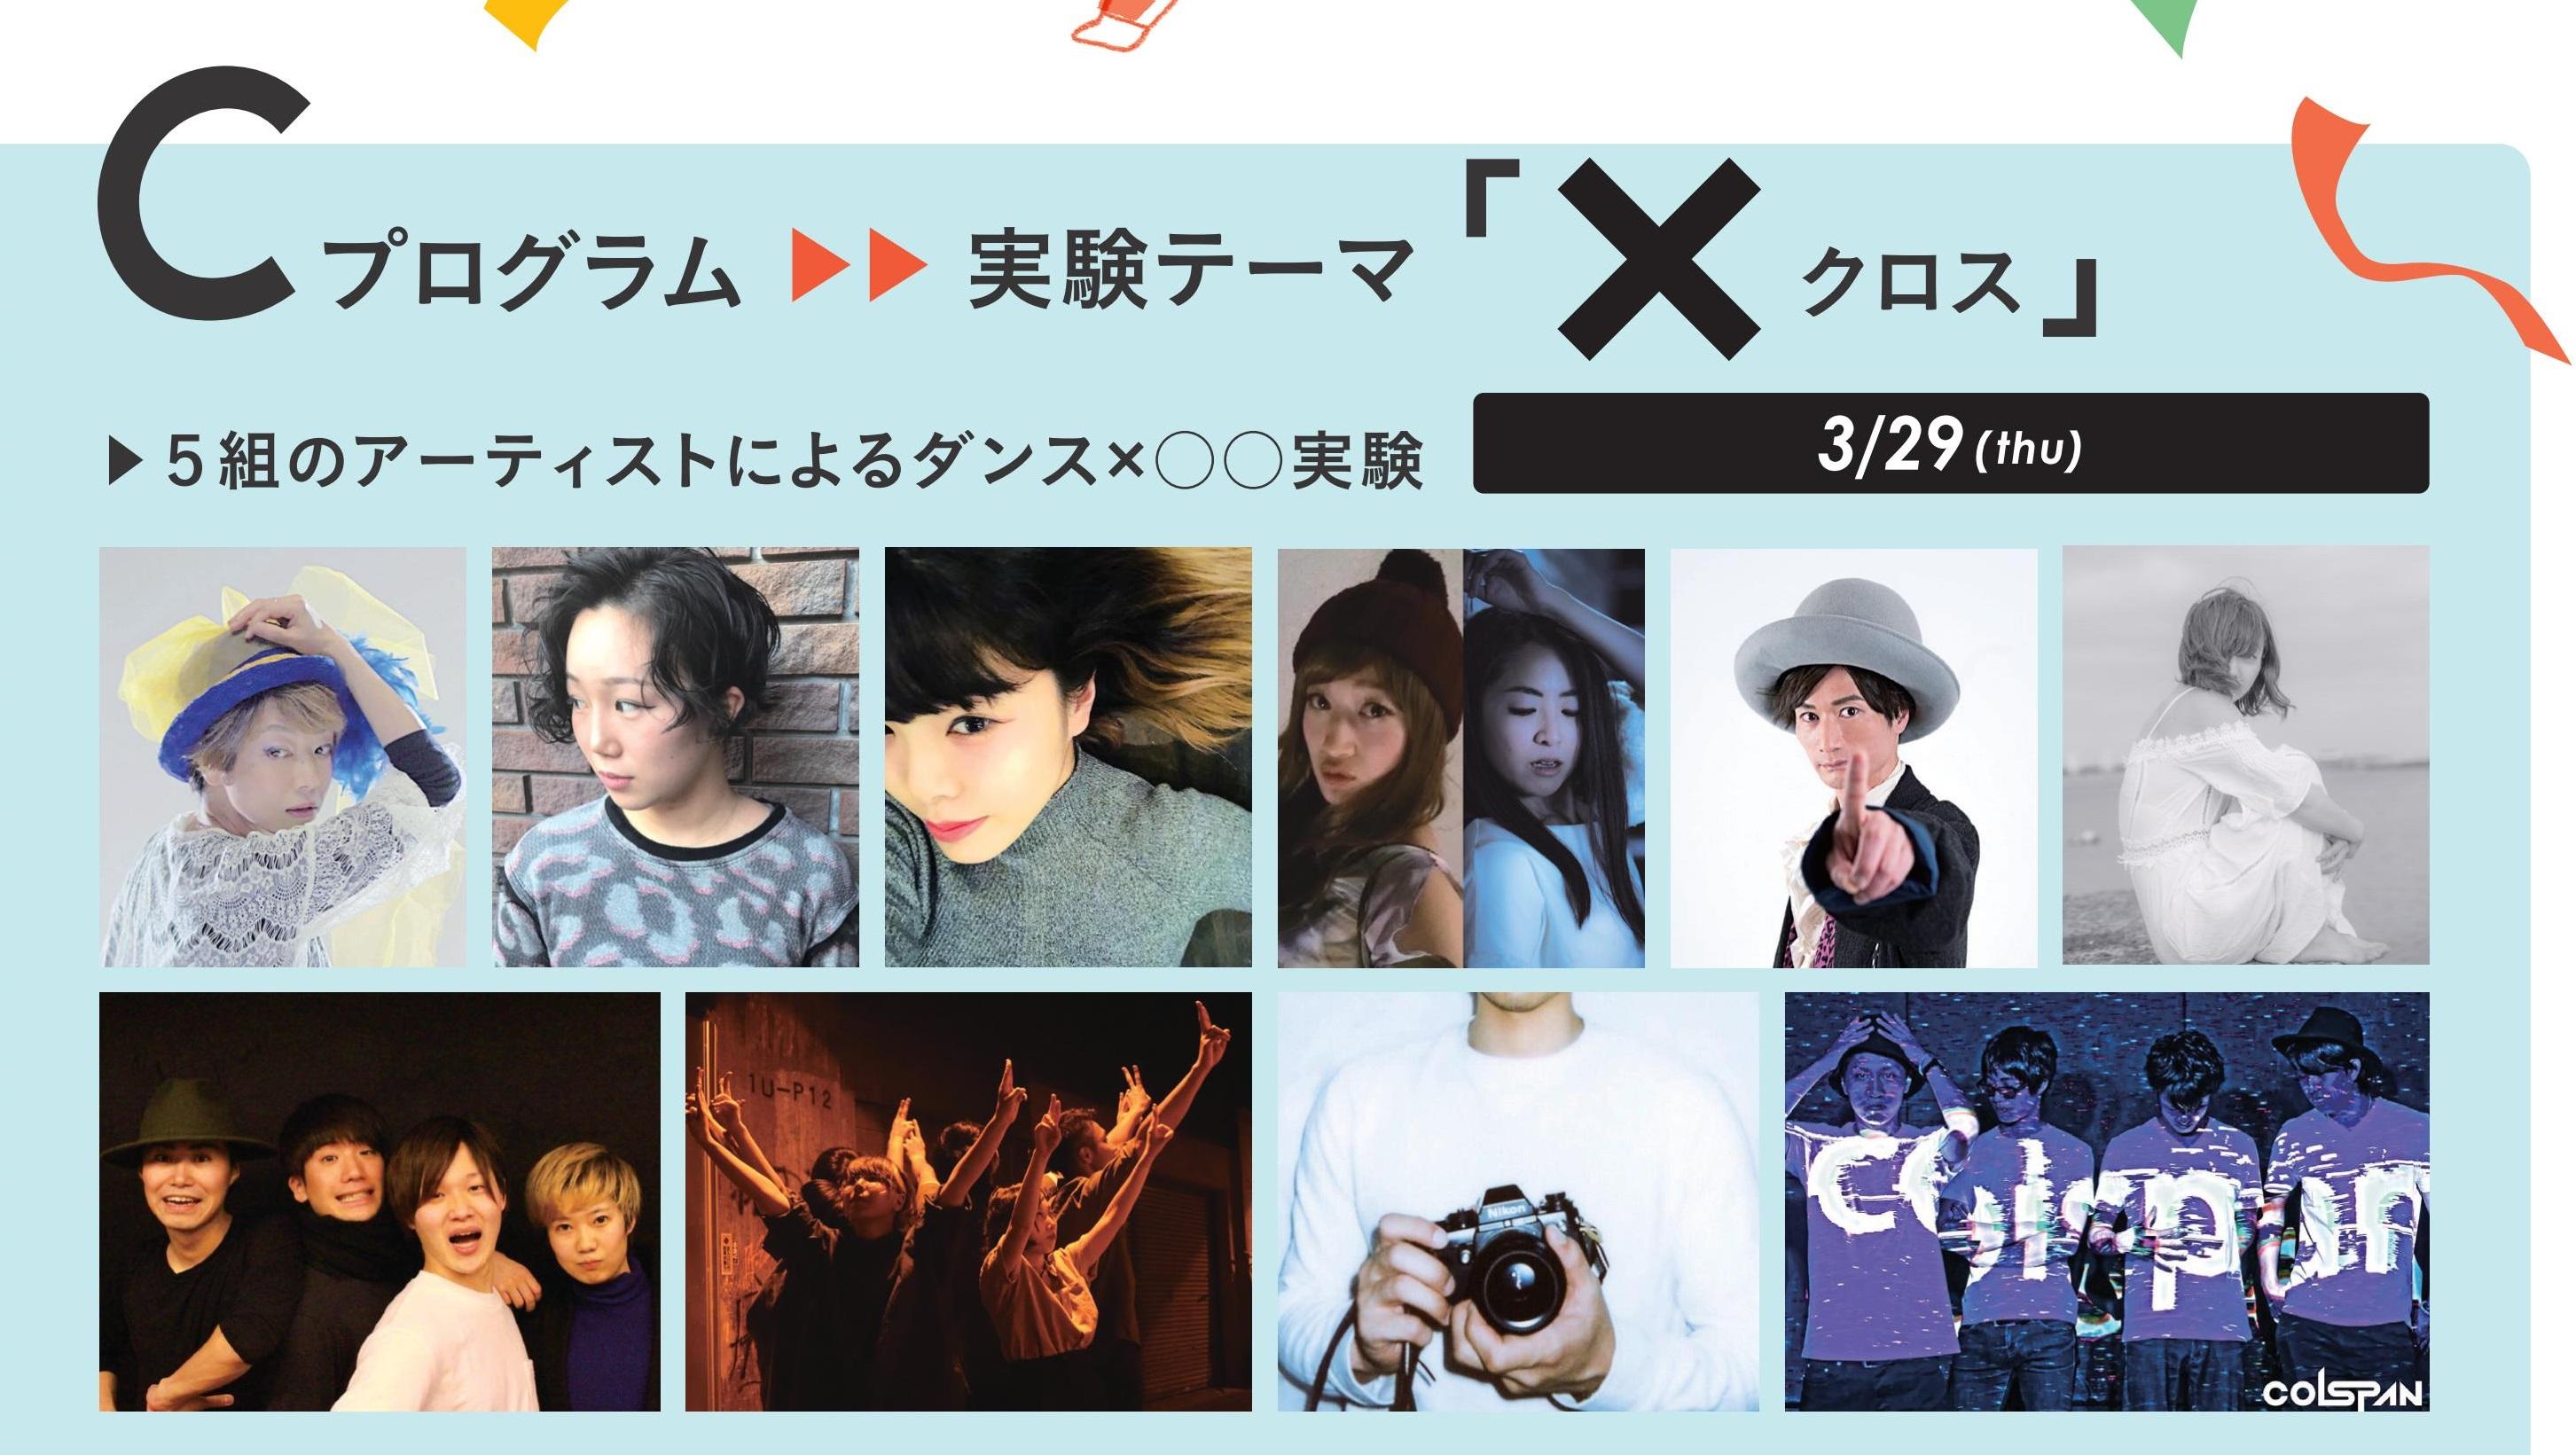 3/29(木曜) おどらぼ芸術祭 Cプログラム「×(クロス)」尾沢奈津子+赤星マサノリ専用チケットサイト